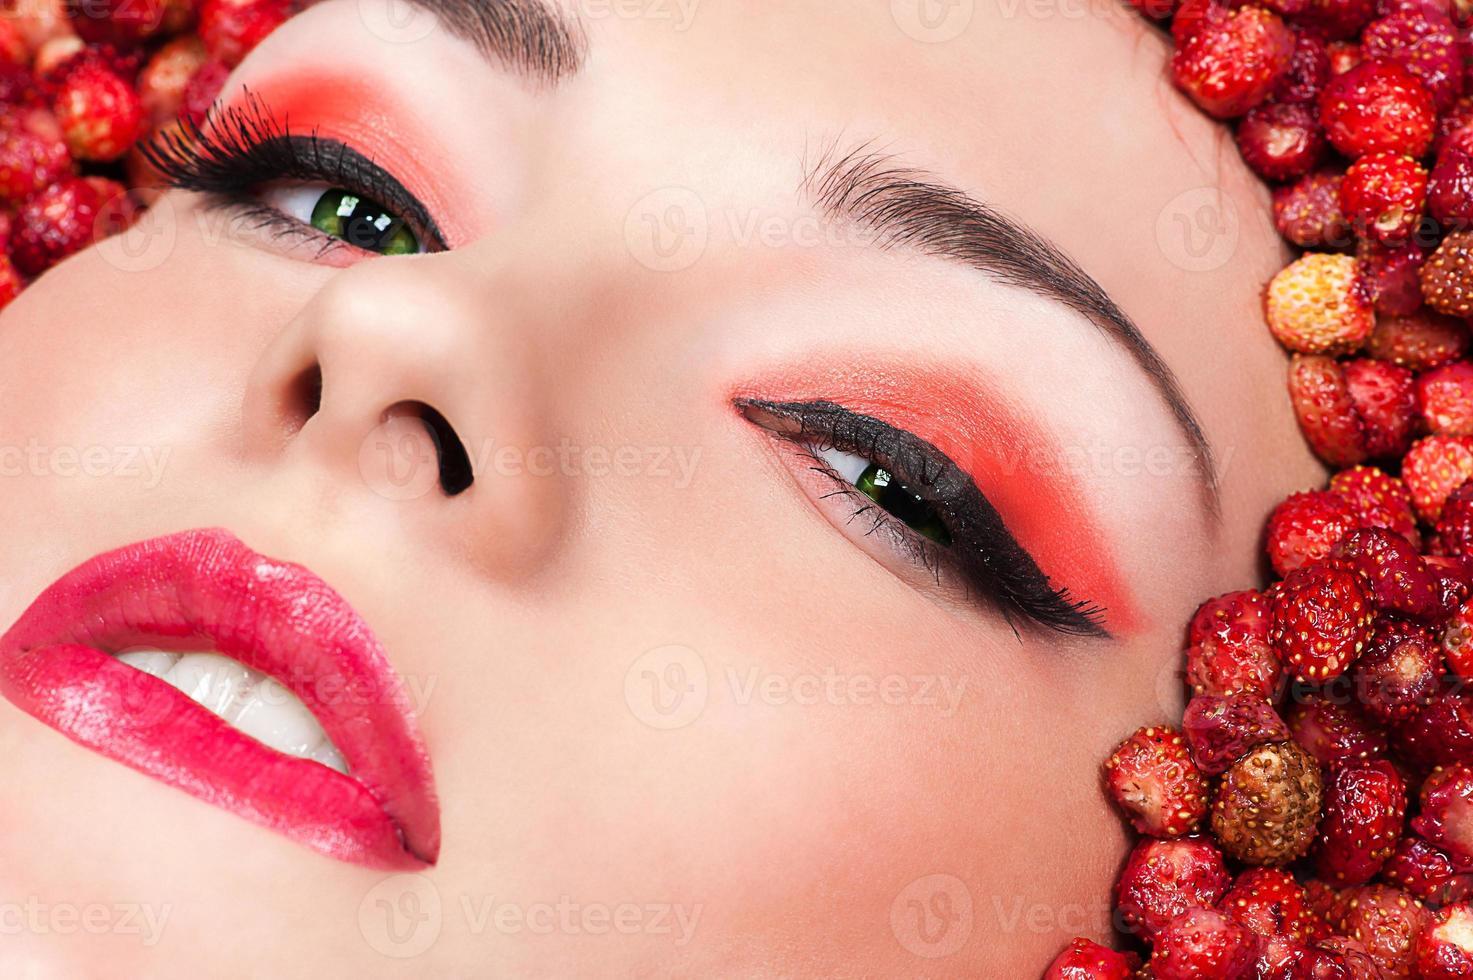 kvinna i vild jordgubb närbild foto